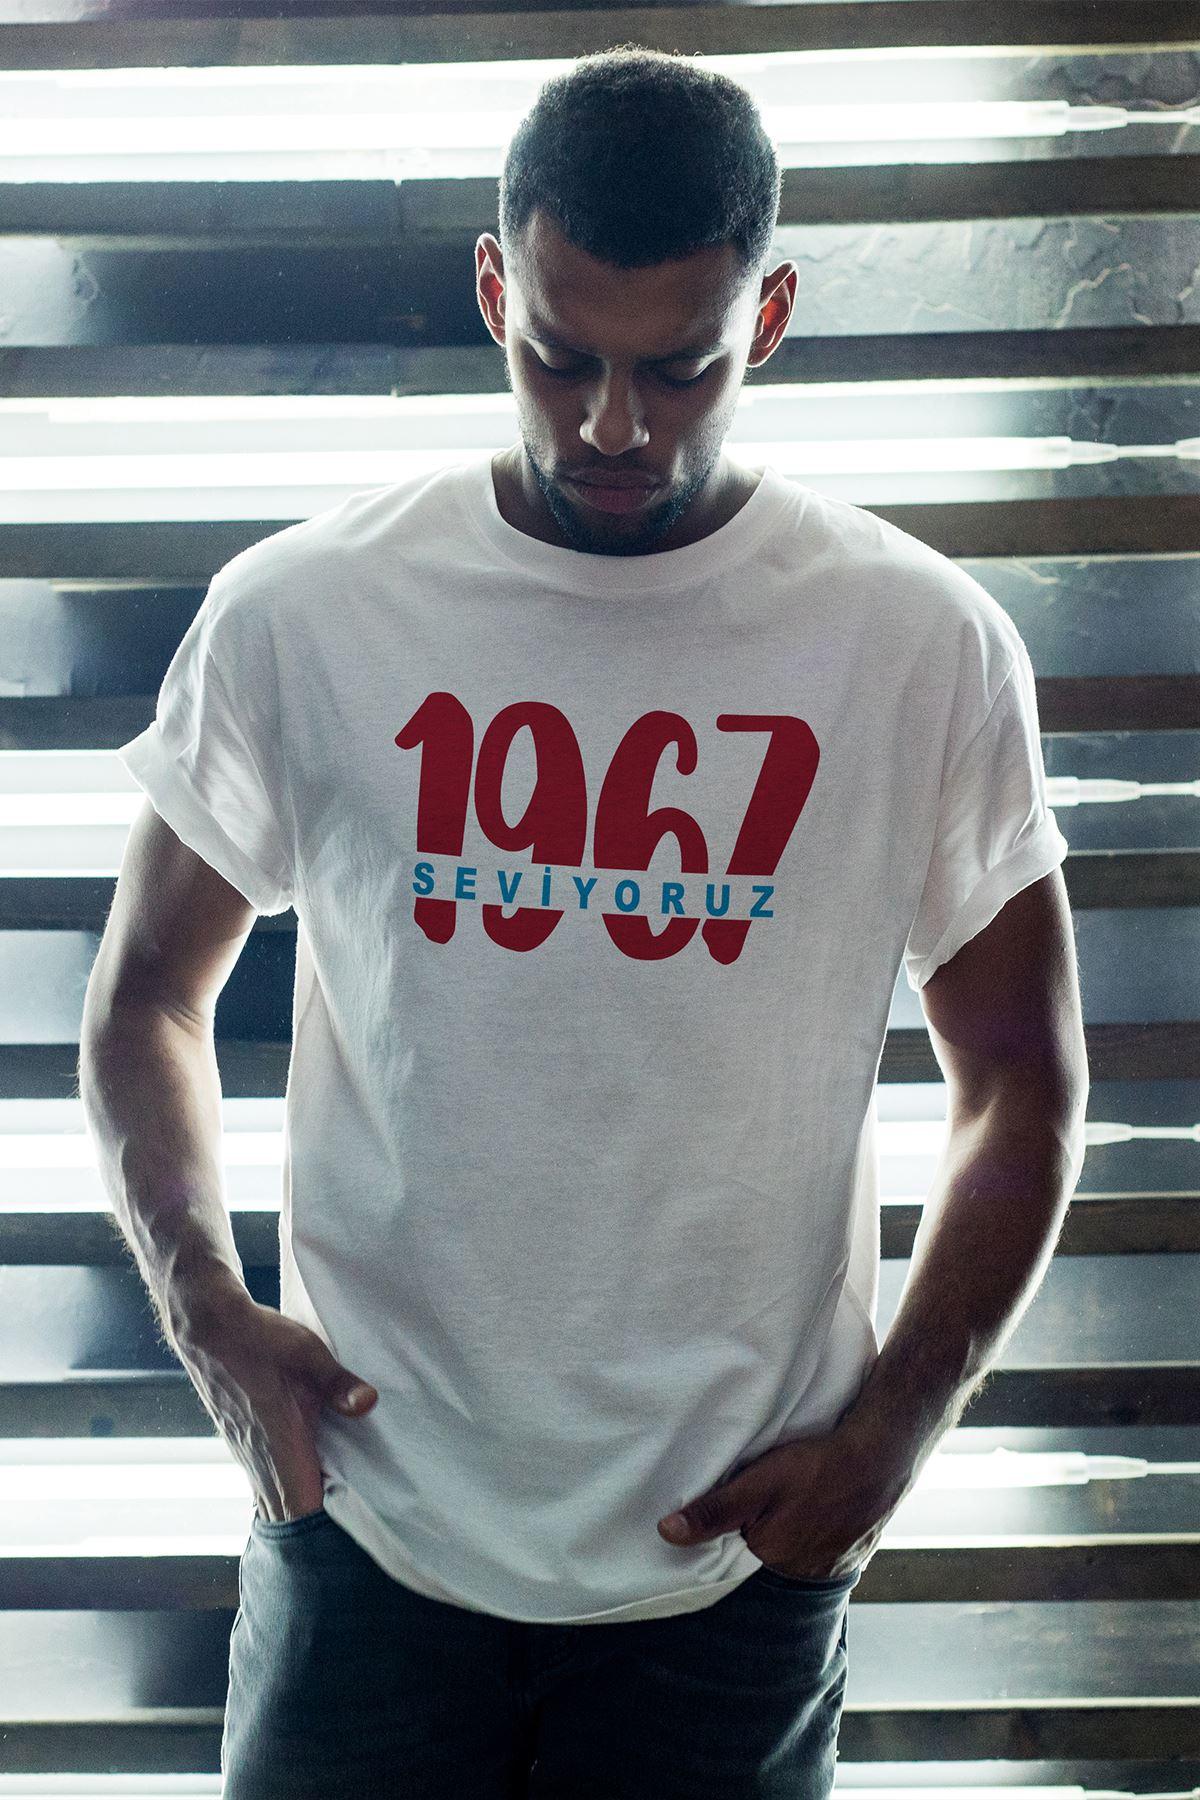 1967 TS-2 Beyaz Erkek Oversize Tshirt - Tişört